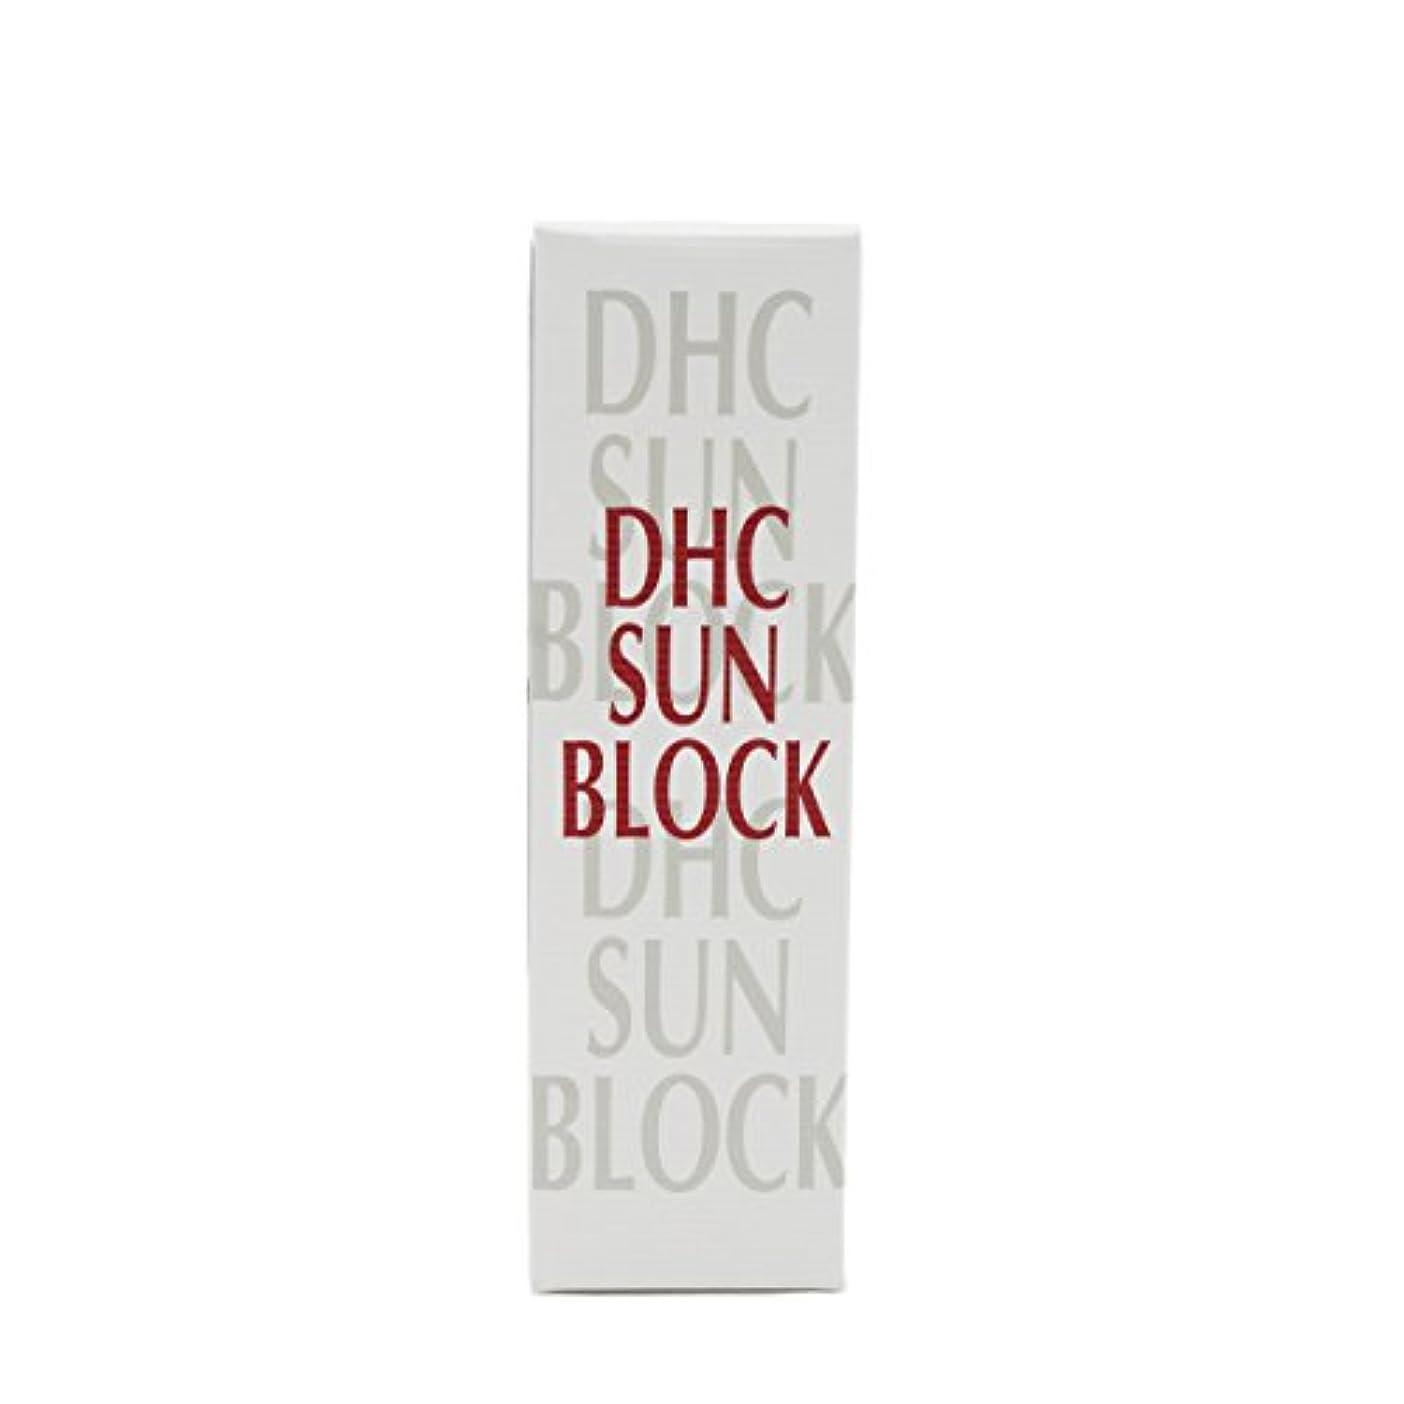 規制する前置詞組【医薬部外品】 DHC薬用サンブロック